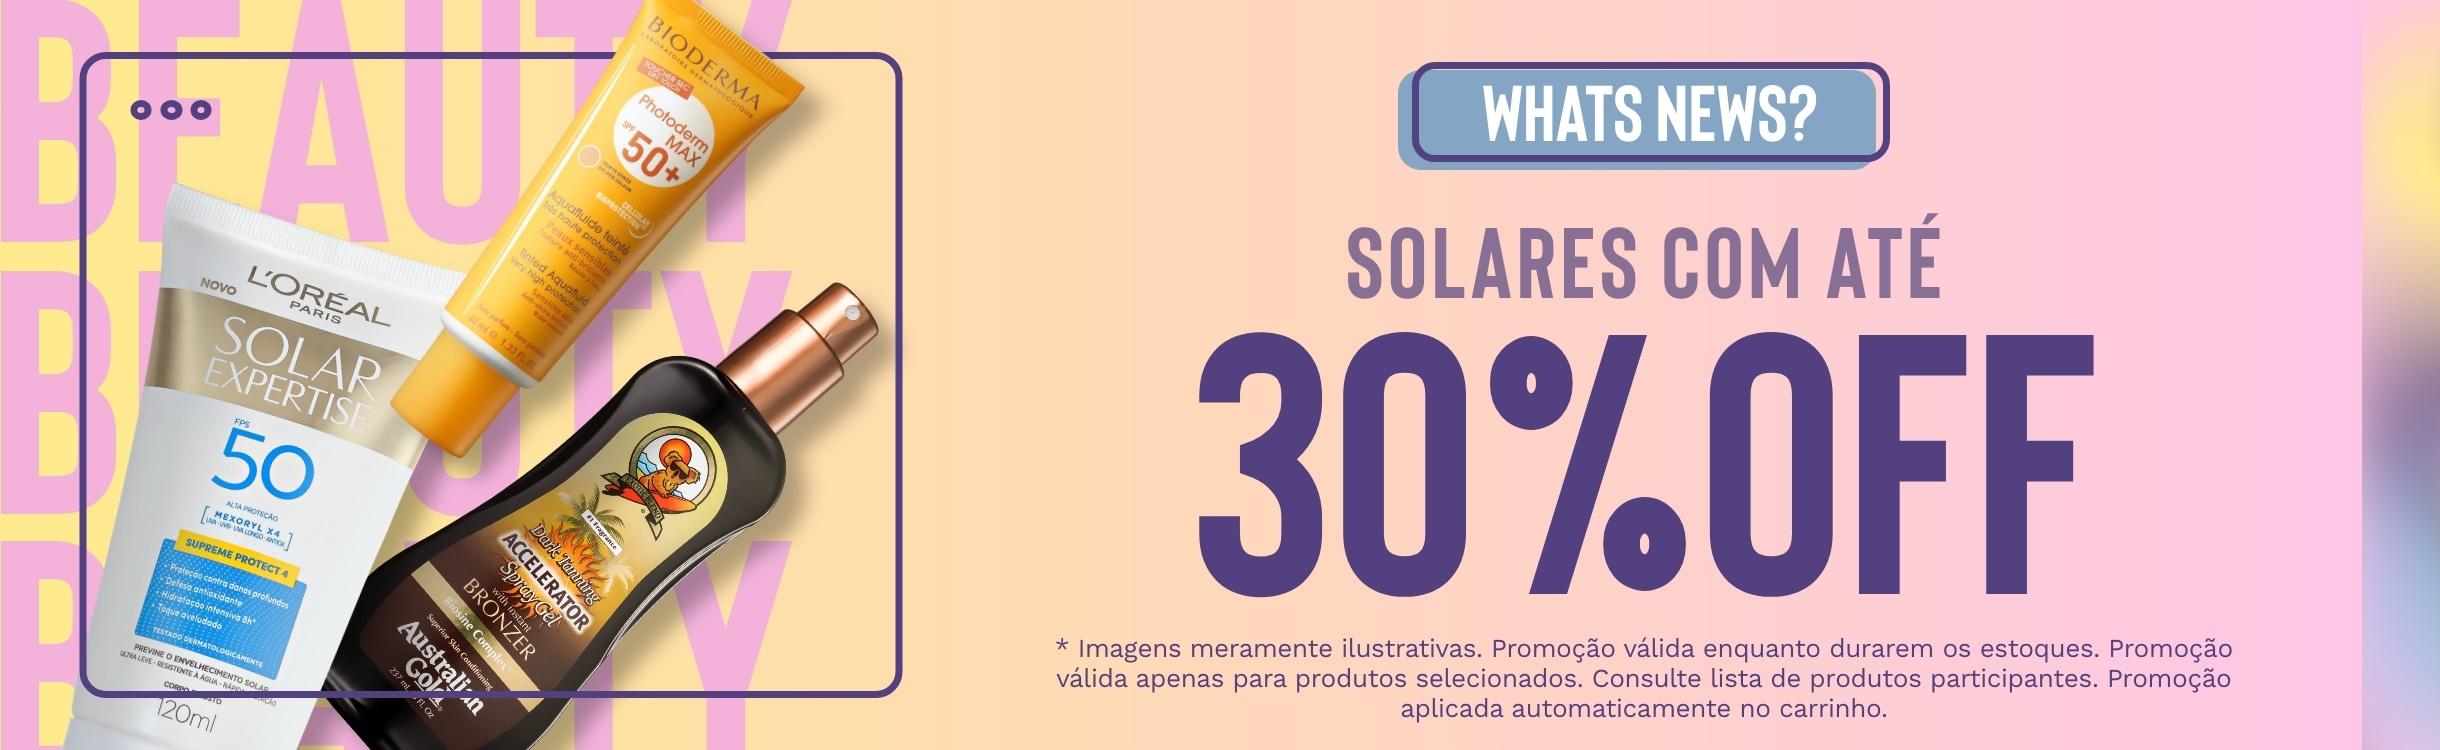 Produtos Solares